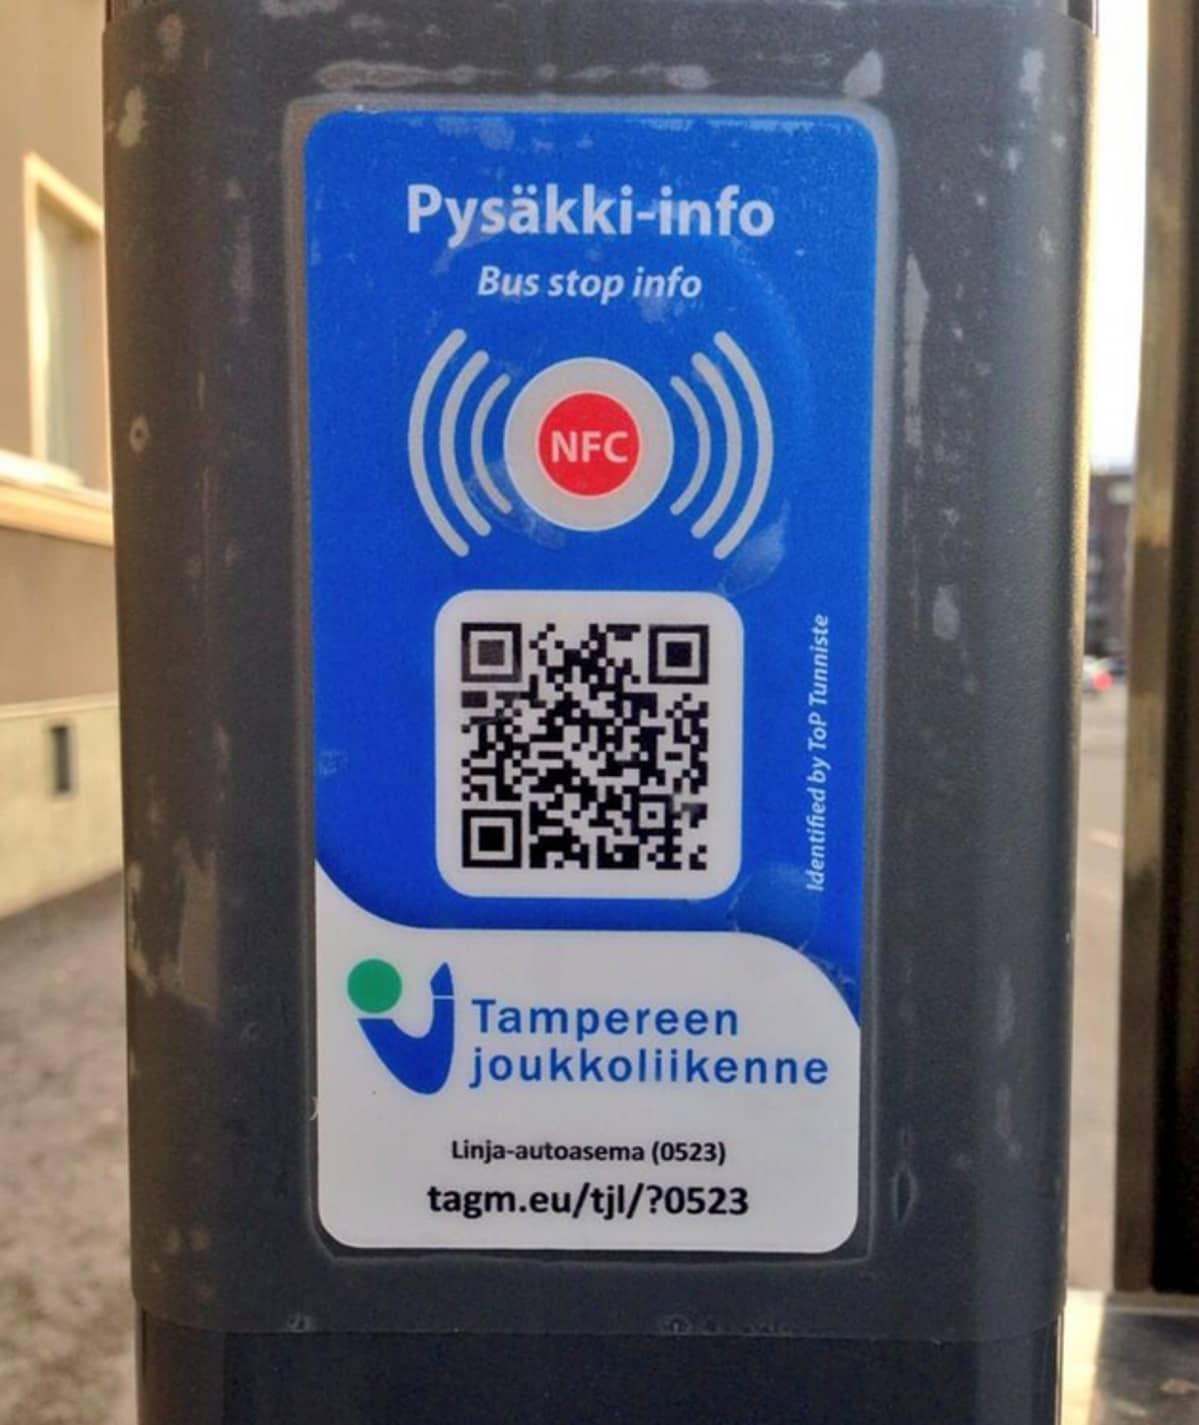 NFC-tunniste pysäkillä